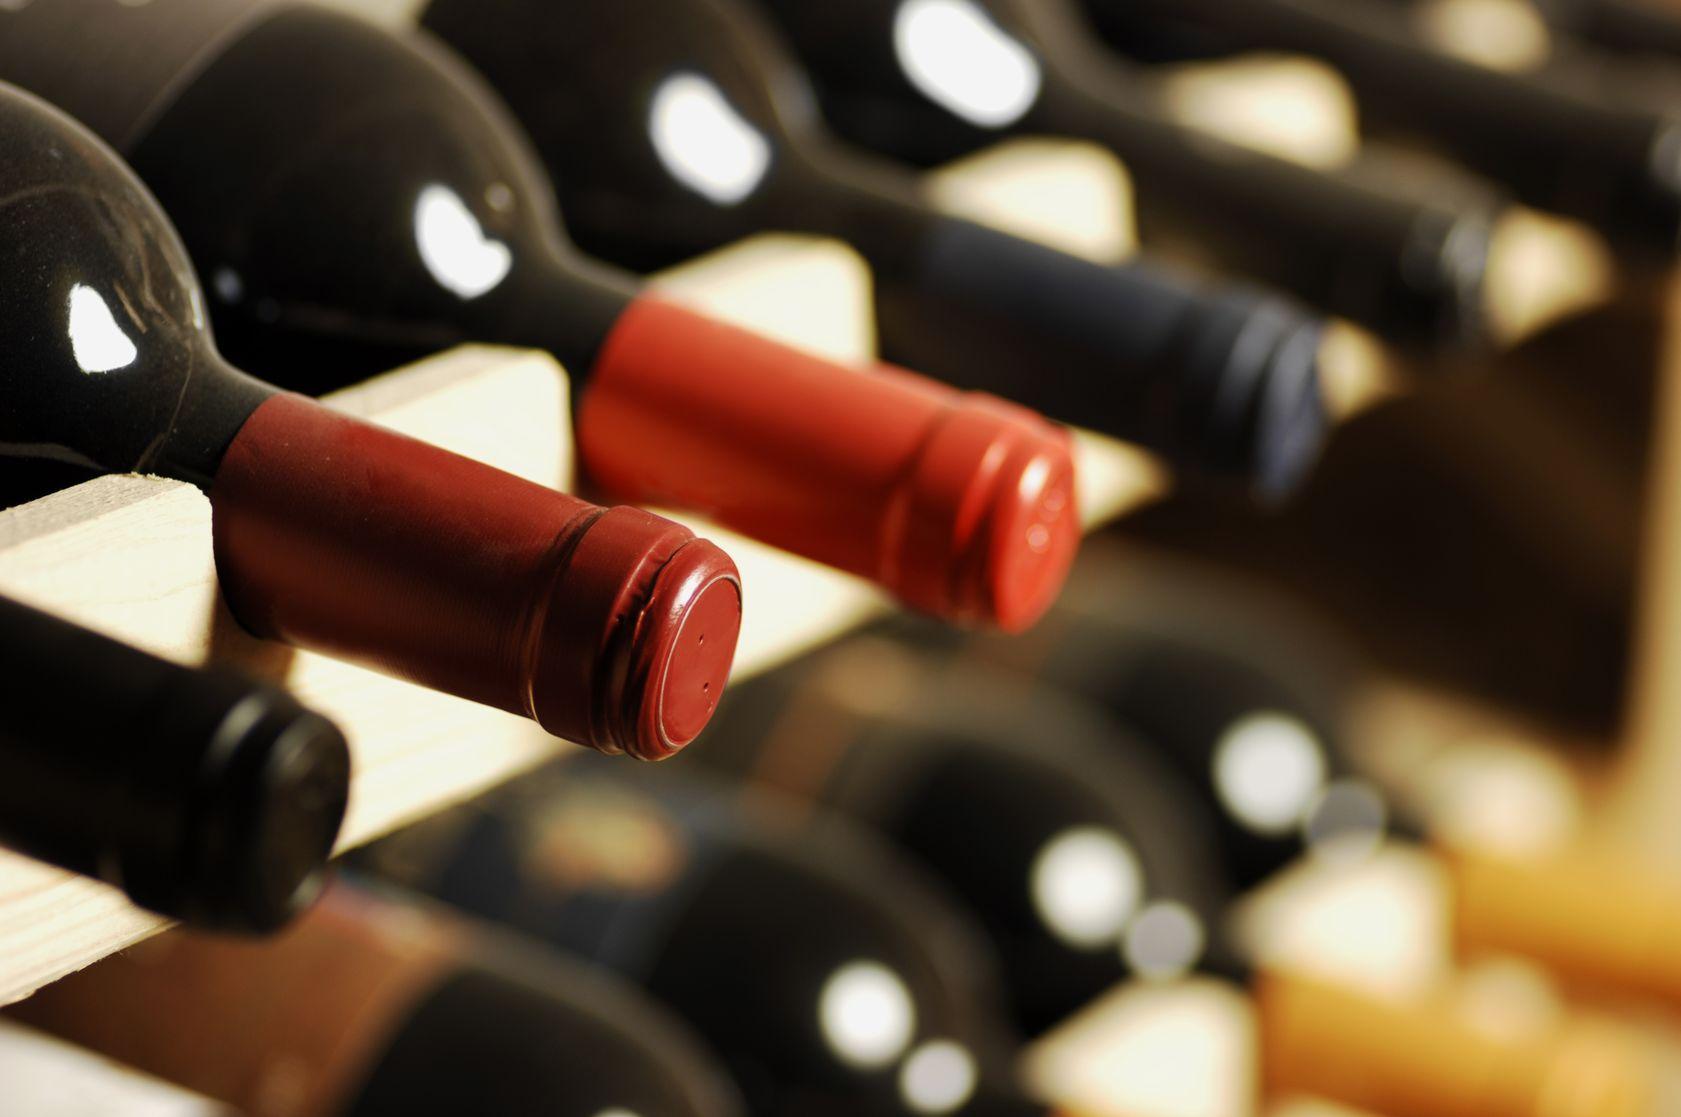 Abonnement vin : Découvrir des nouveaux cépages, je vous parle de l'abonnement à une box spécial vin